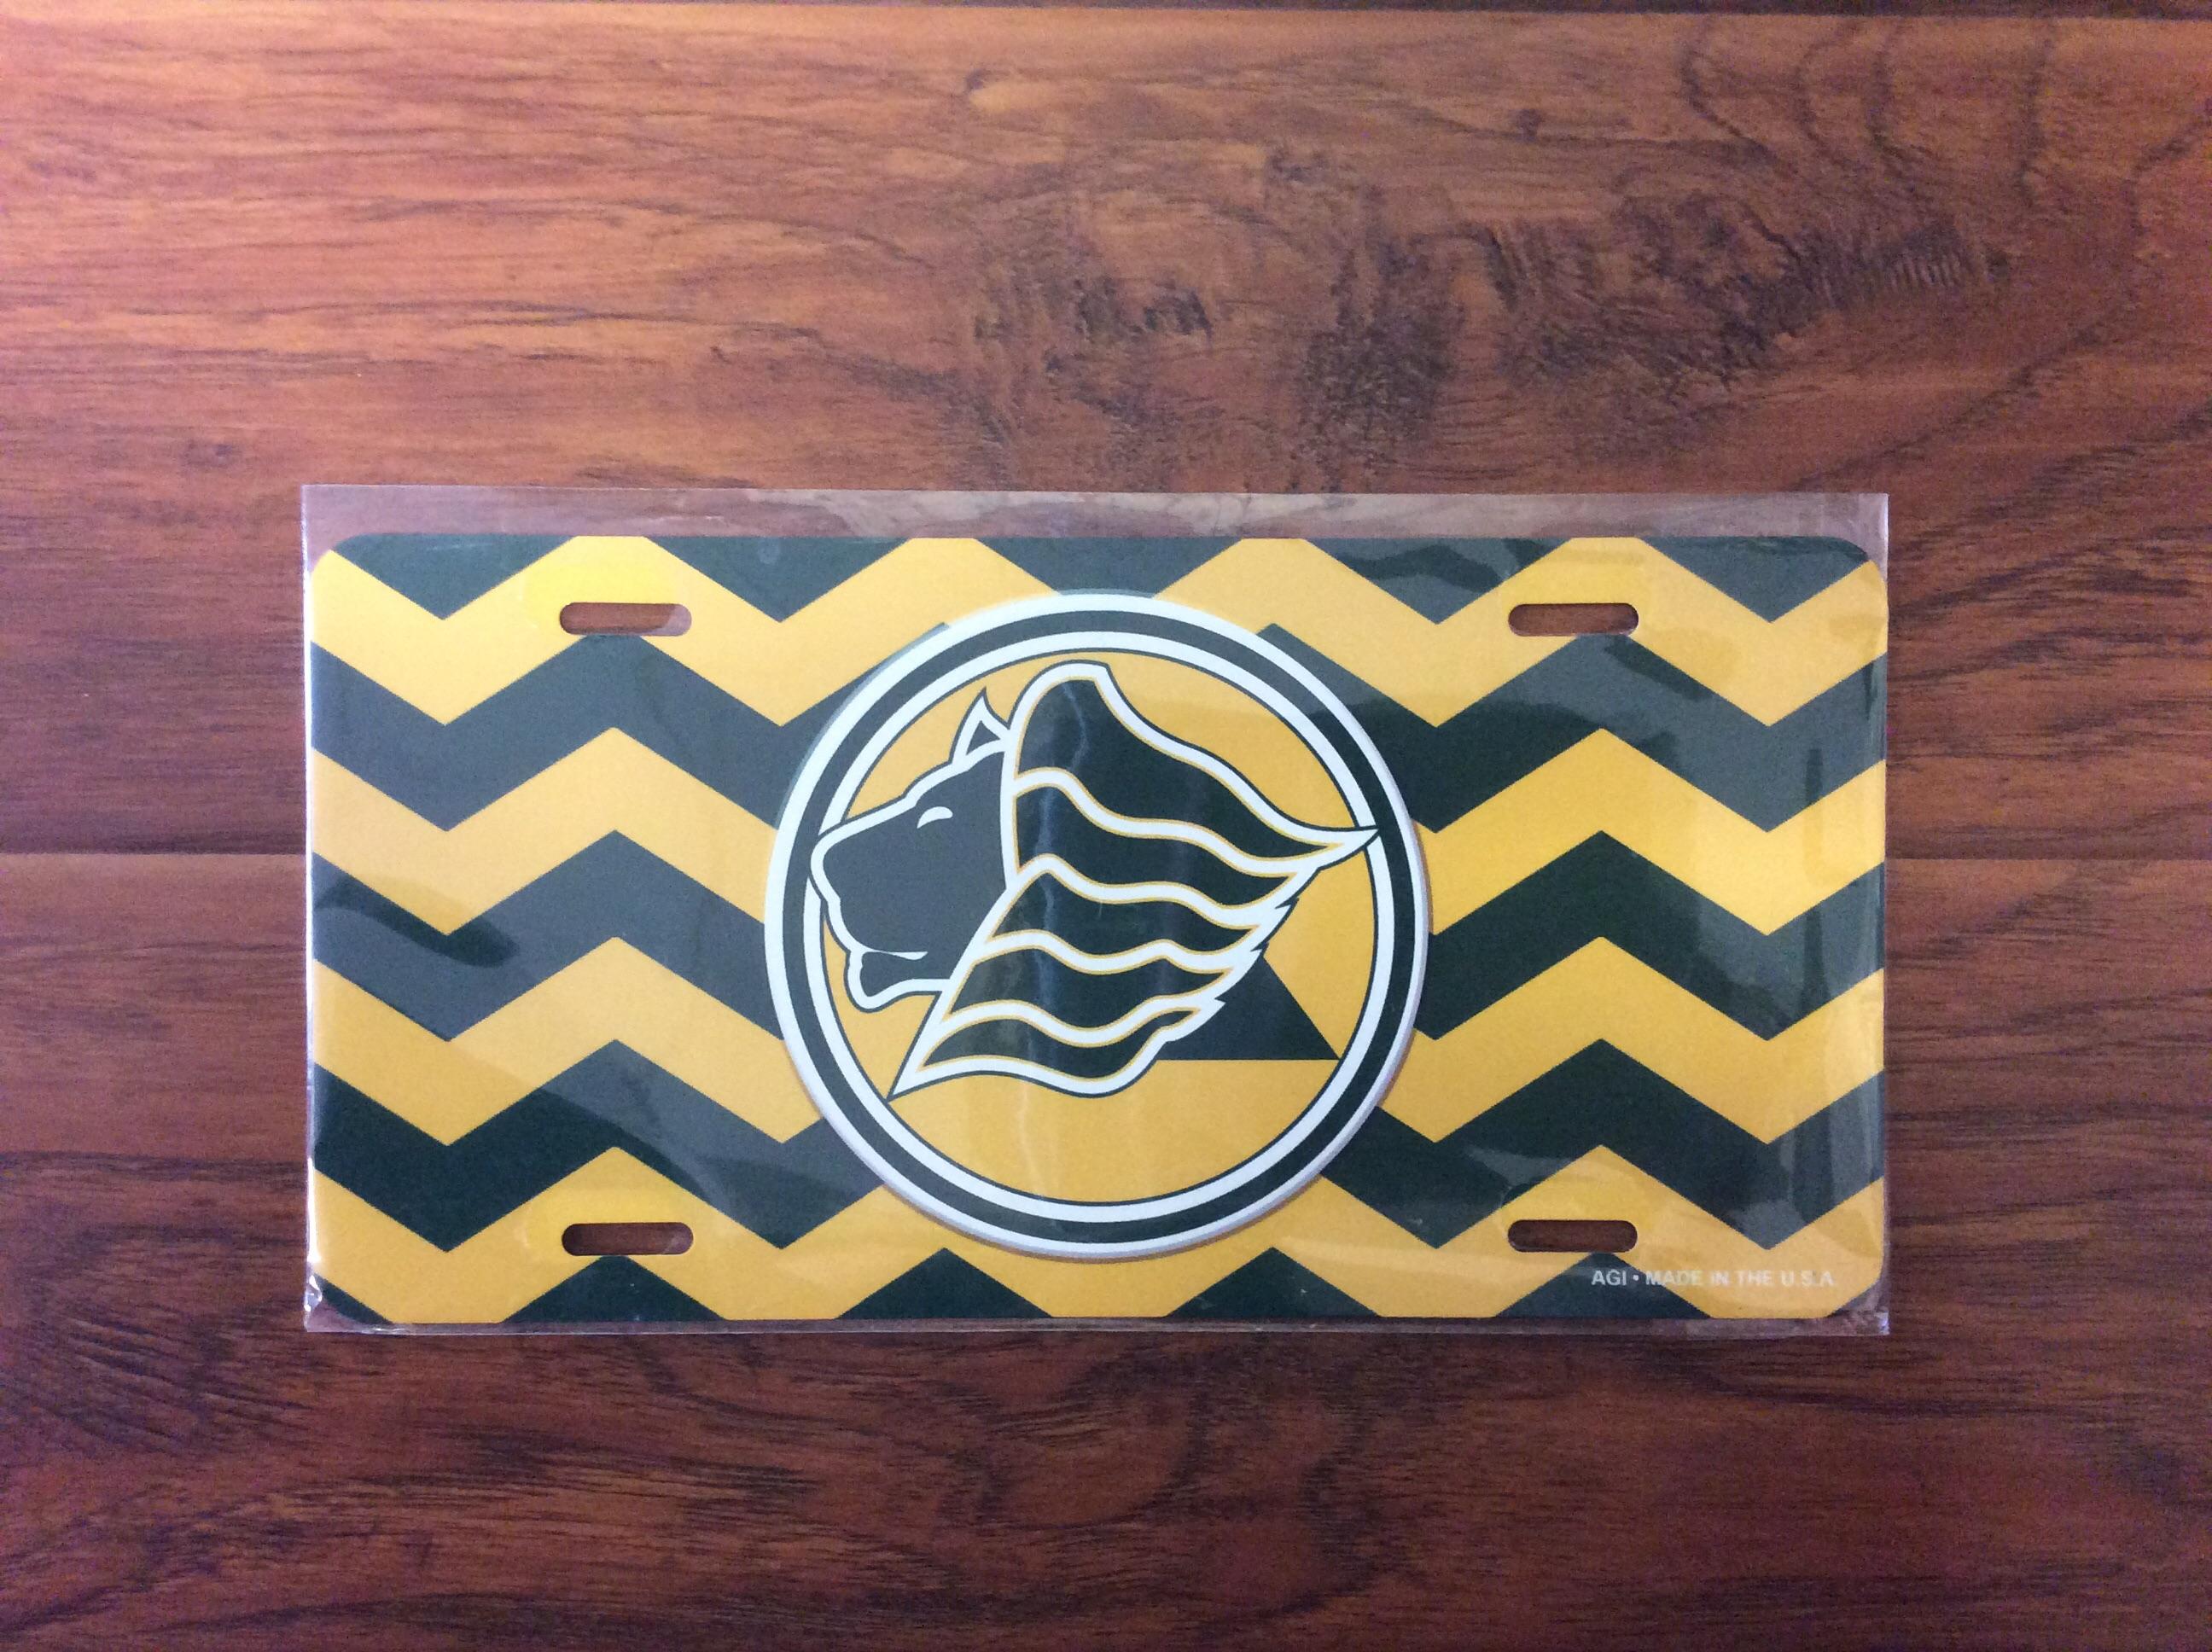 Saint Leo University Chevron License Plate